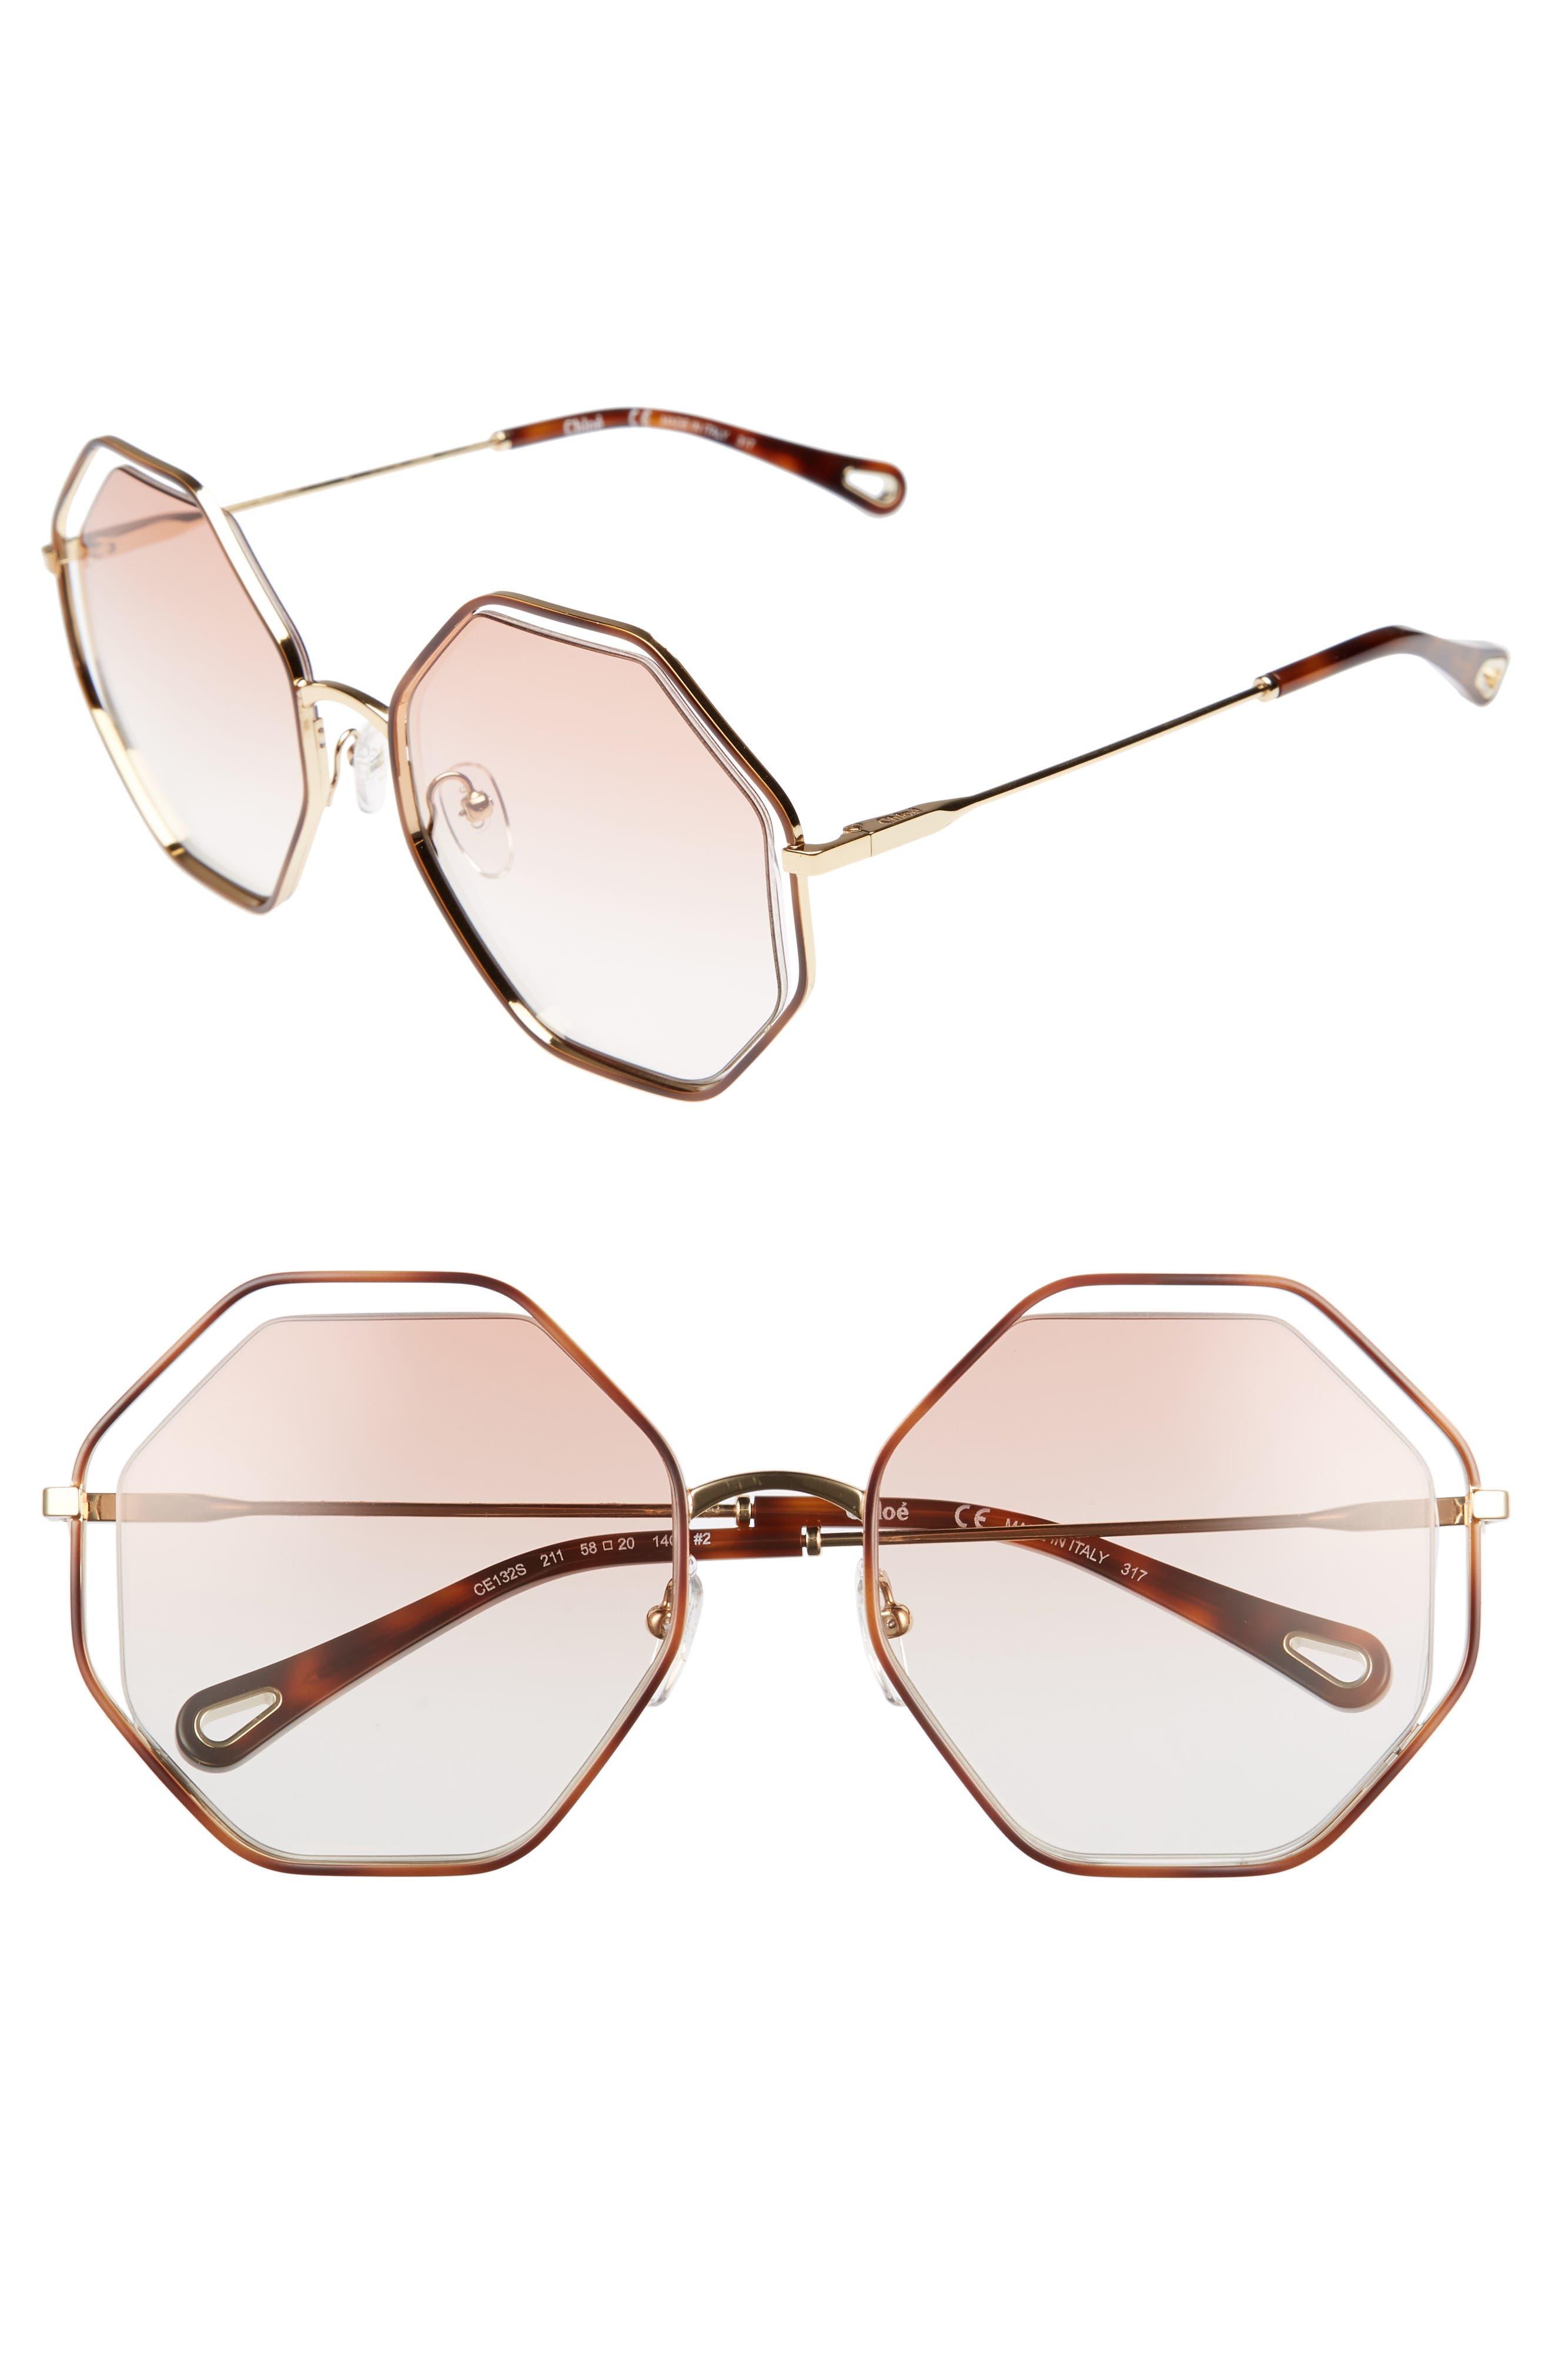 58mm Octagonal Halo Lens Sunglasses,                         Main,                         color, HAVANA/ PEACH